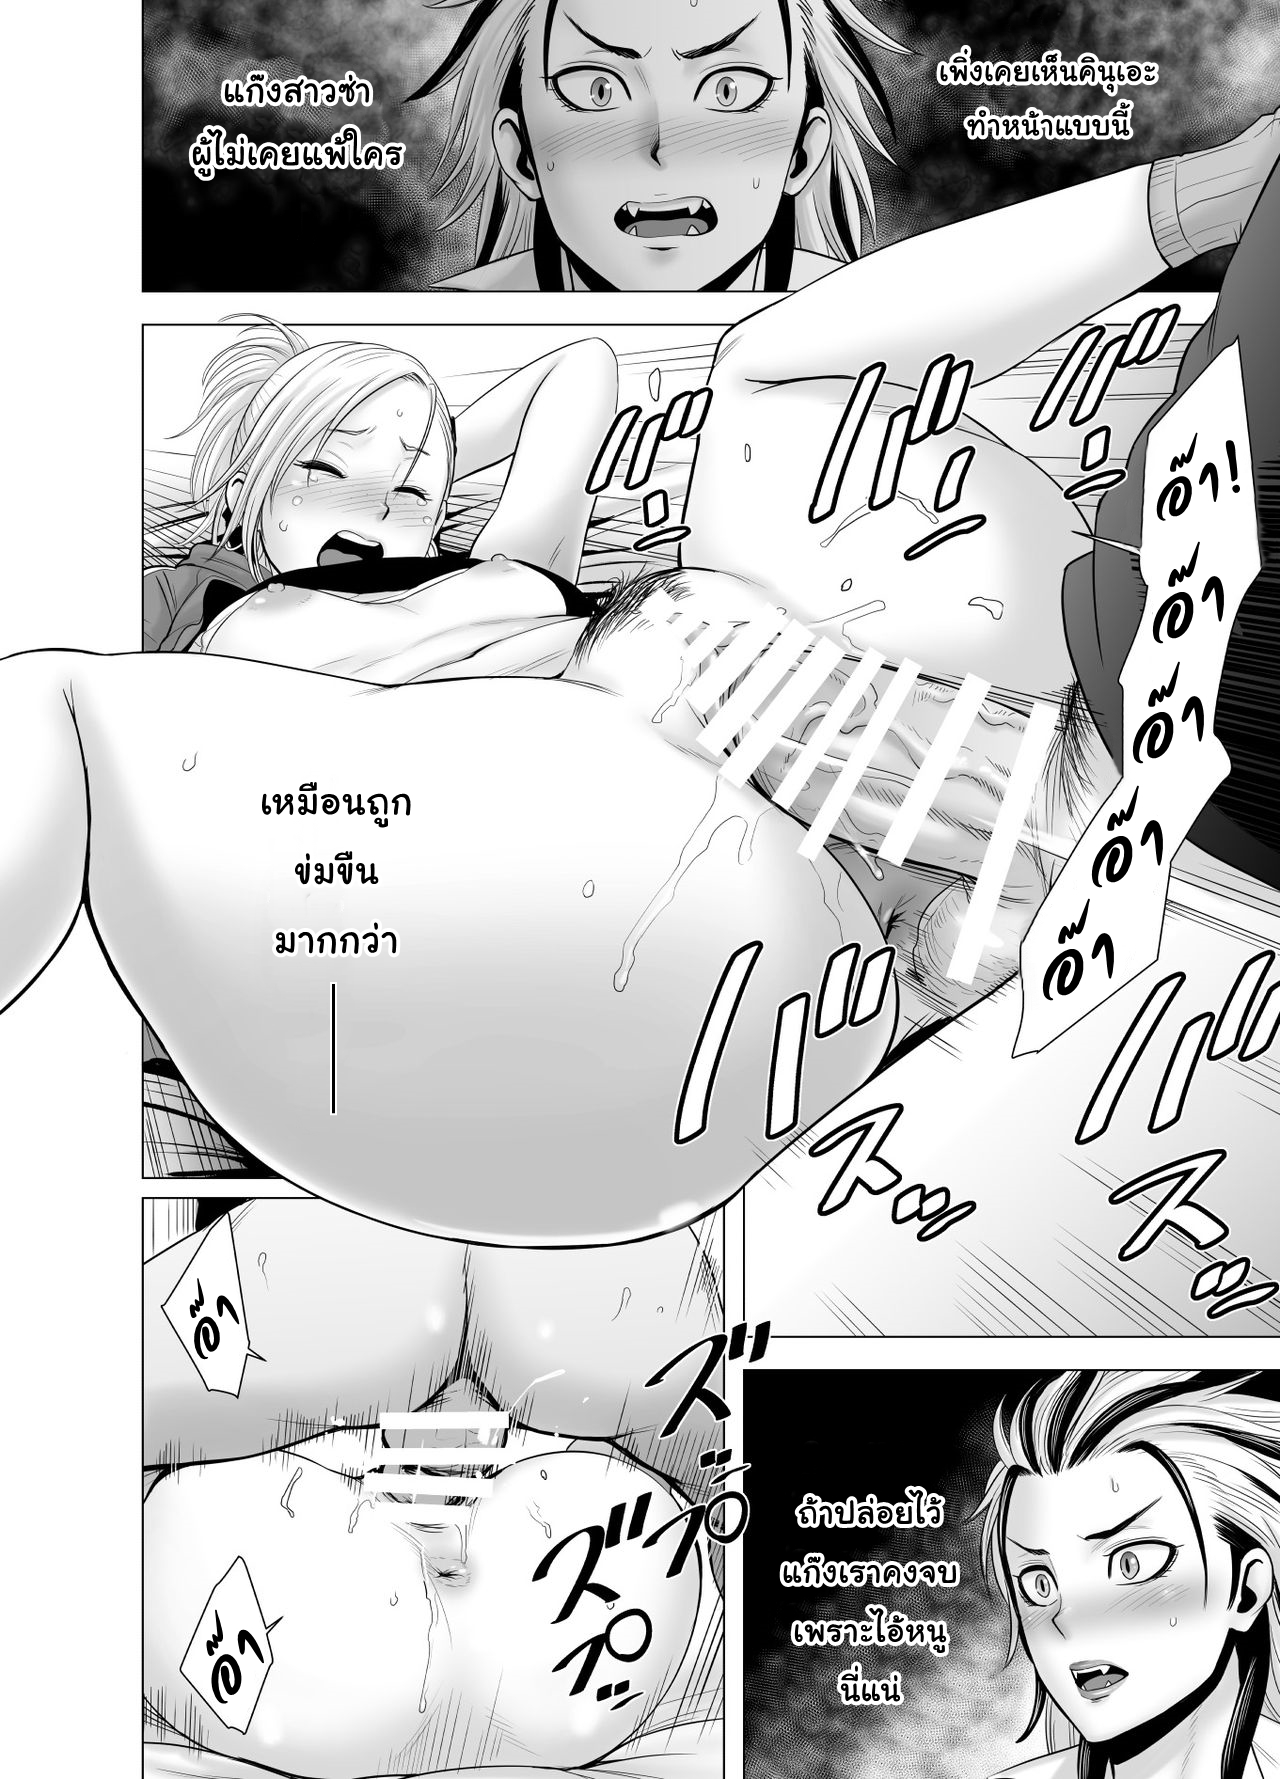 เซ็กส์ในวันหยุด ภาพ 38